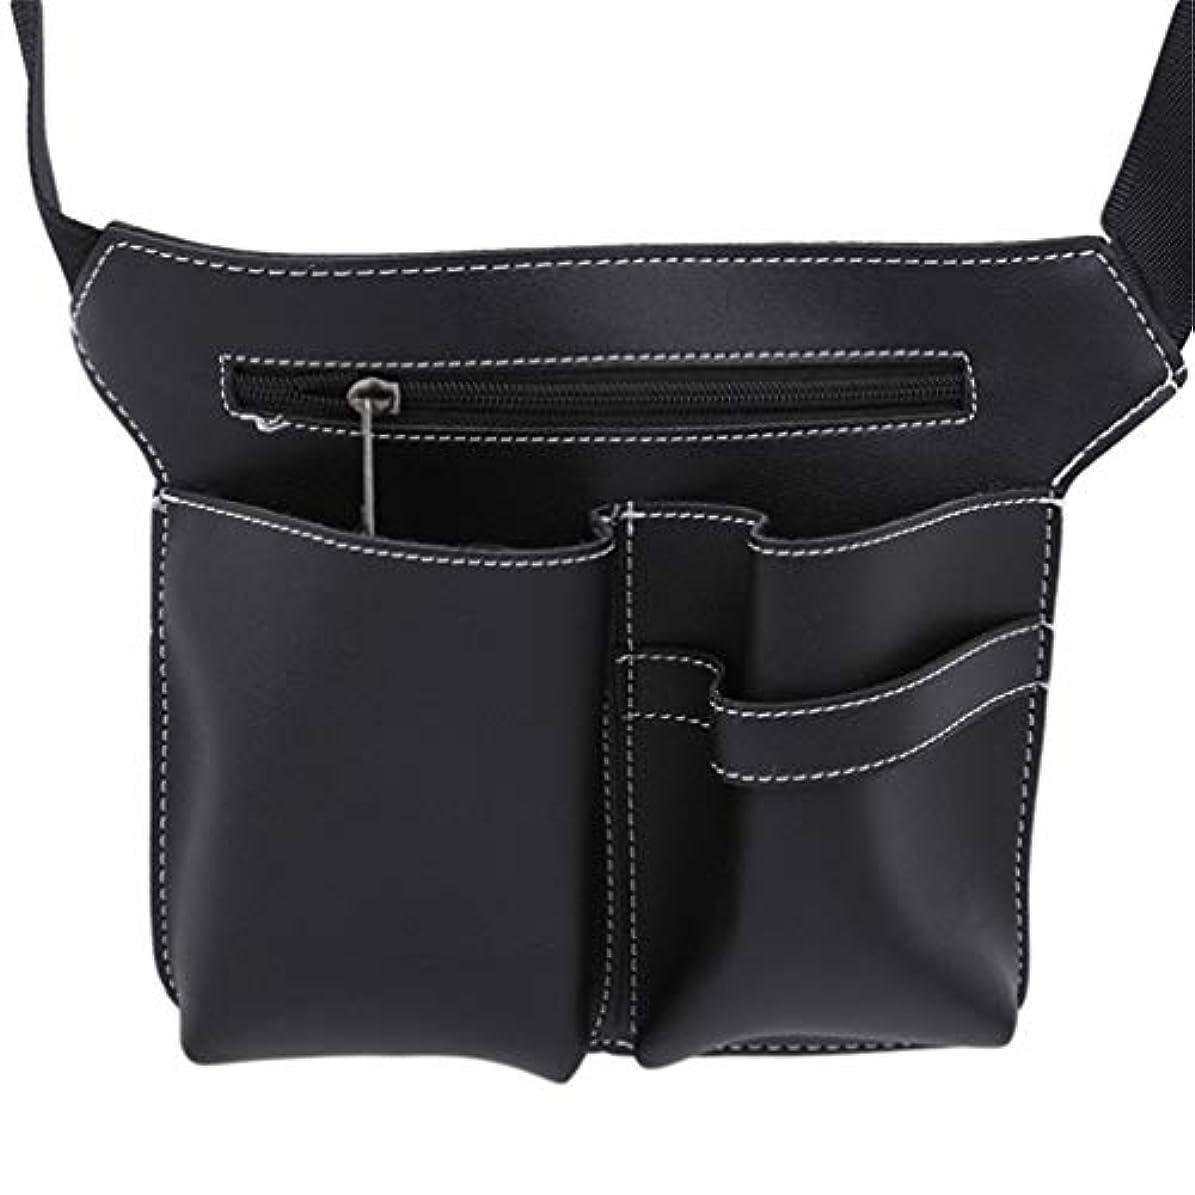 メンテナンスリズム逆にMARUIKAO メイクブラシケース ウエストポーチ 収納バッグ はさみ オーガナイザー ホルダー 化粧ツール 便利グッズ ベルト 美容師 美容用品 保管ポケット